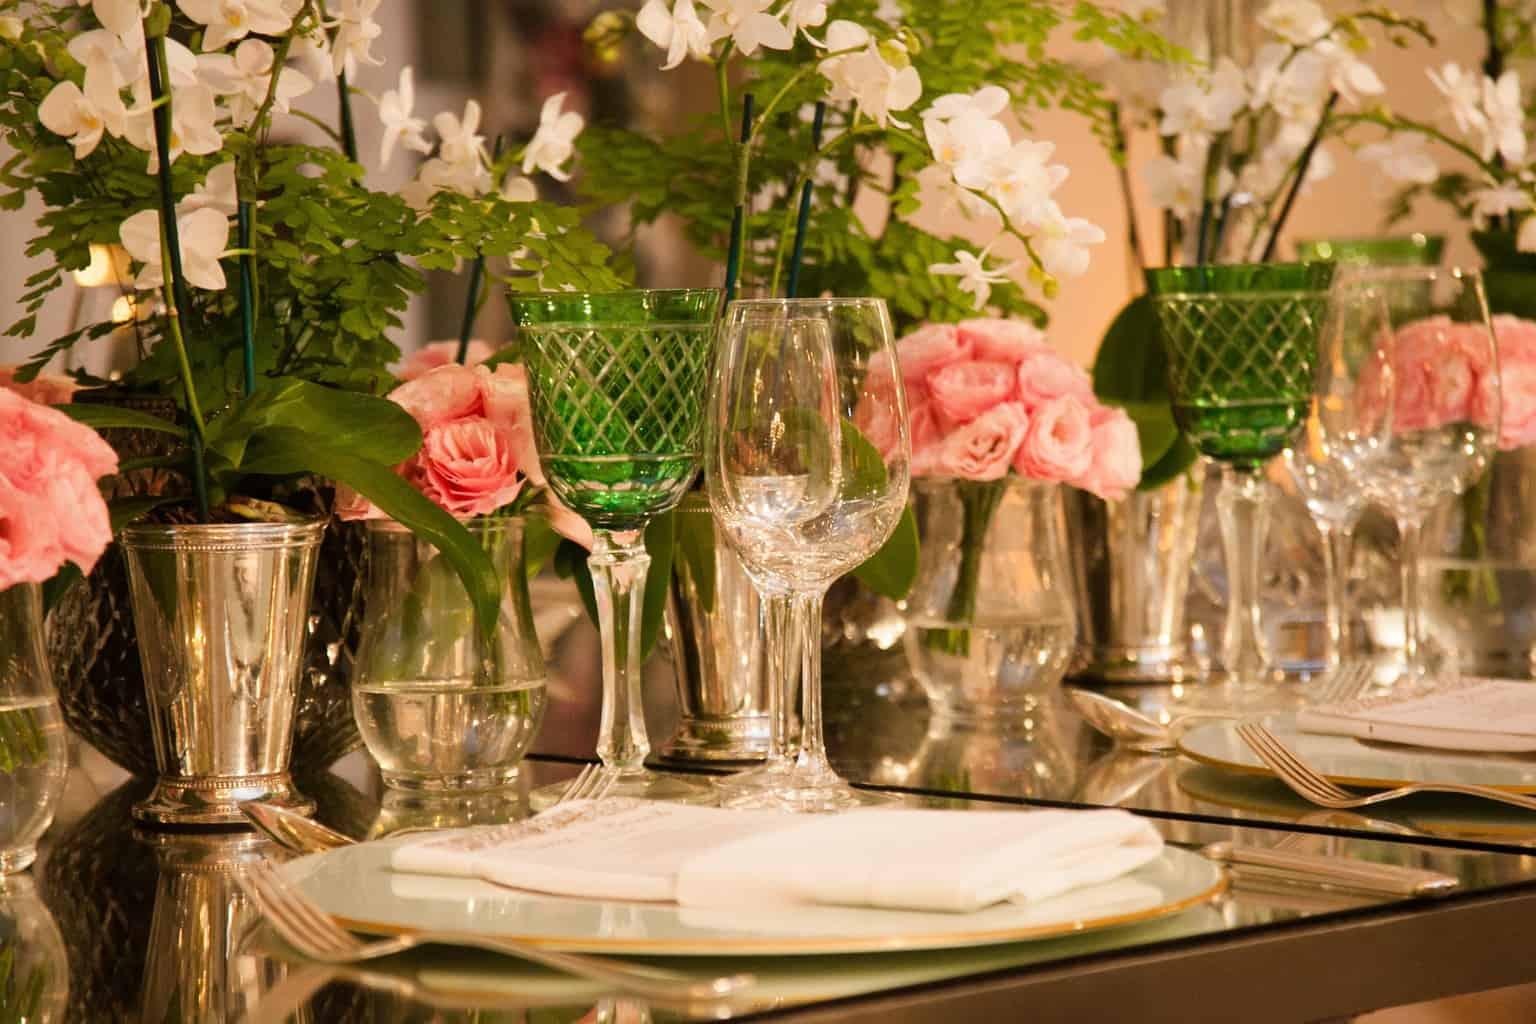 Casamento-Clássico-Copacabana-Palace-Fotografia-Larissa-e-Jorge-Ribas-Monica-Roias-Paula-Rocha-Ribas-Foto-e-Vídeo-CaseMe-32